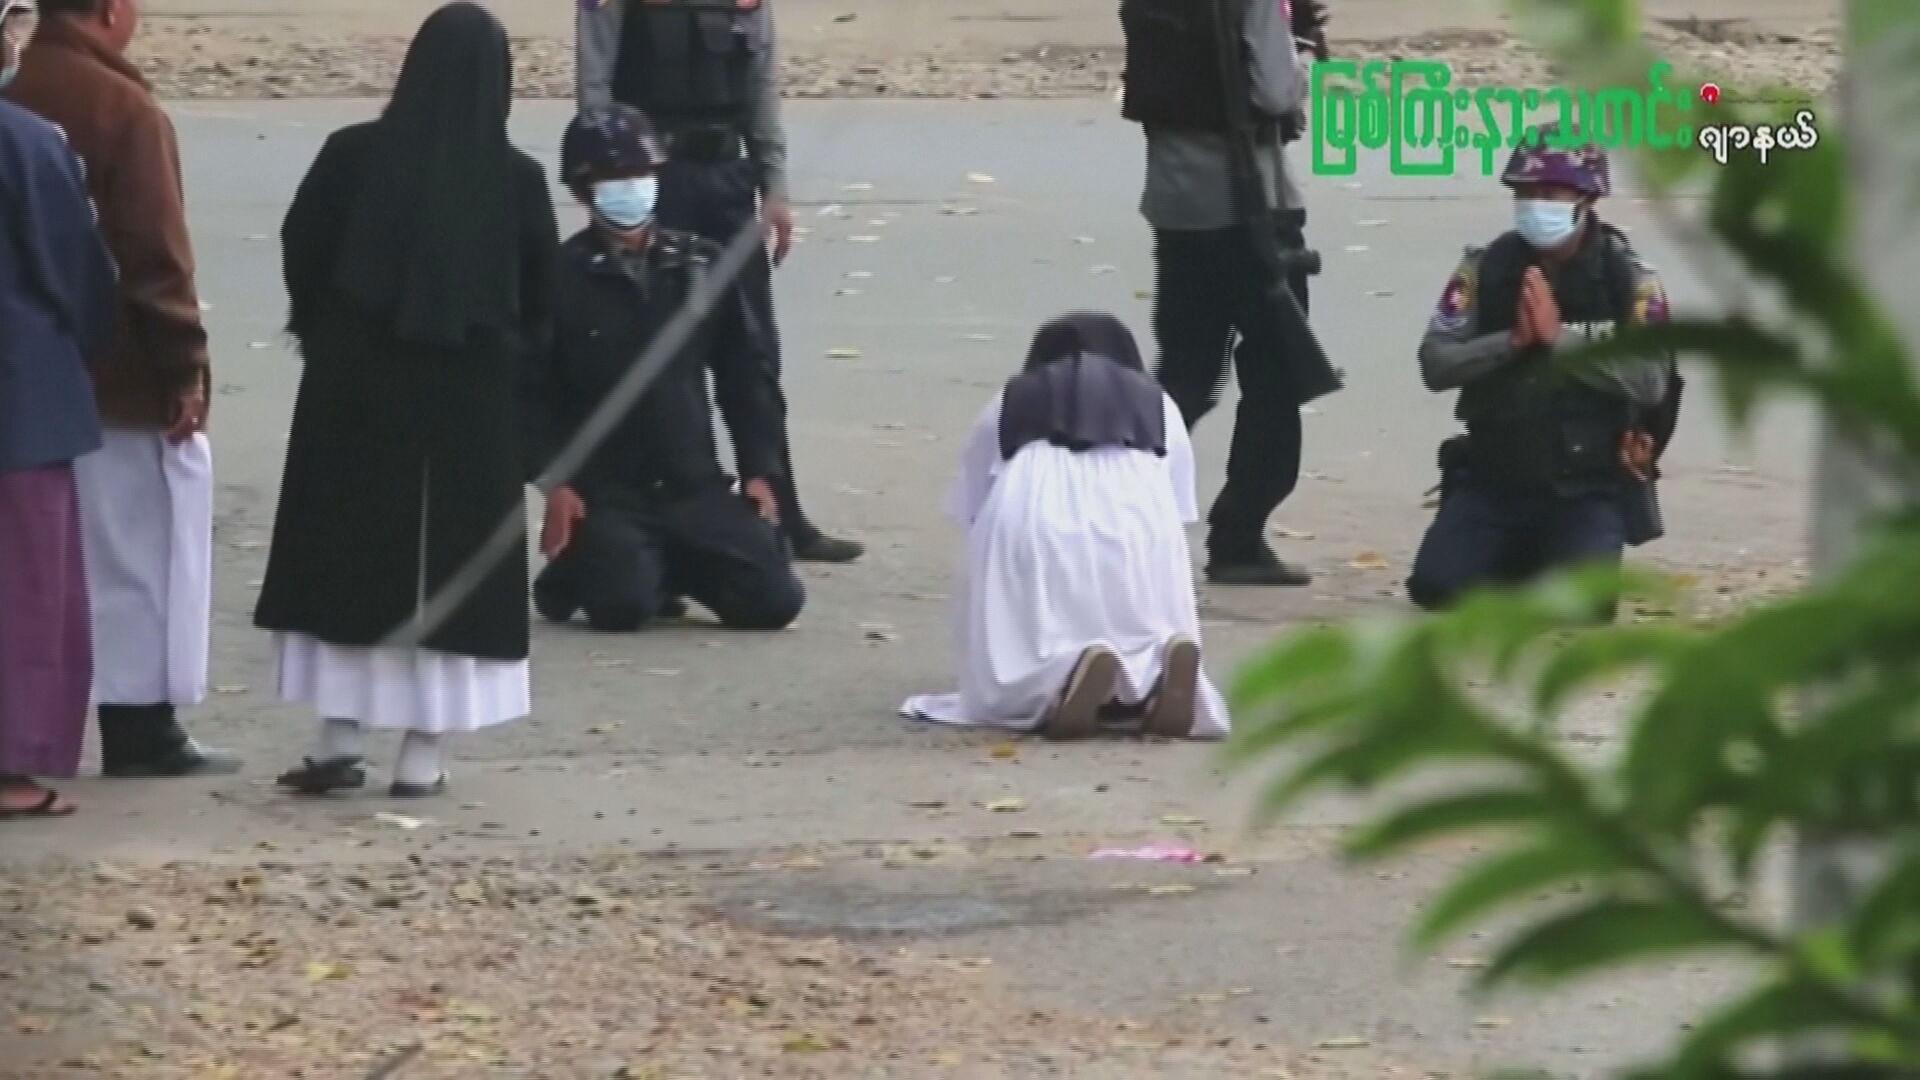 Freira se ajoelha em Mianmar e pede a policiais que não pratiquem violência